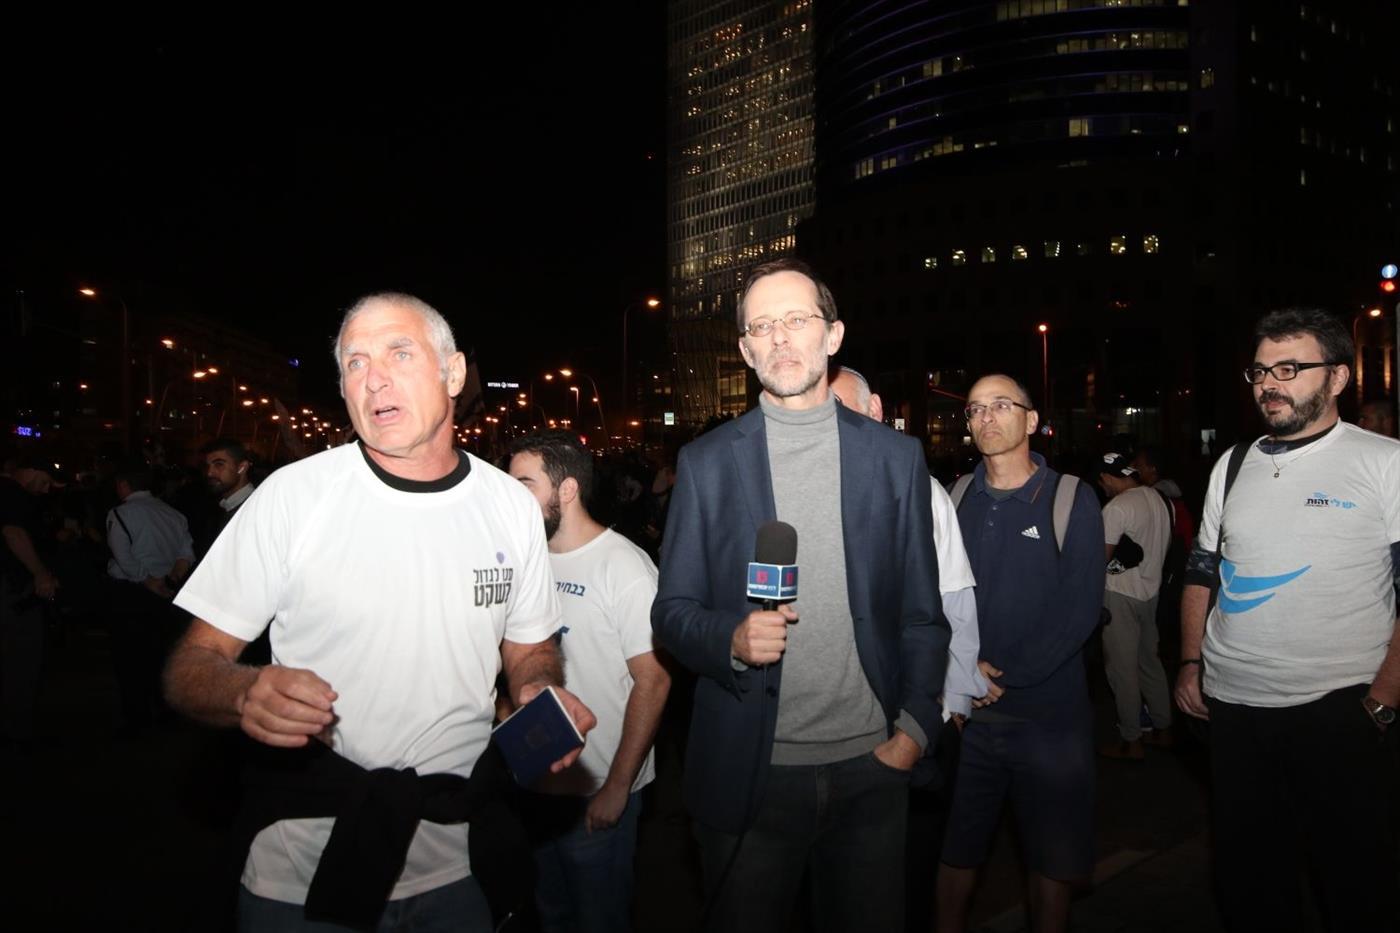 משה פייגלין וחיים ילין מפגינים בתל אביב (TPS)